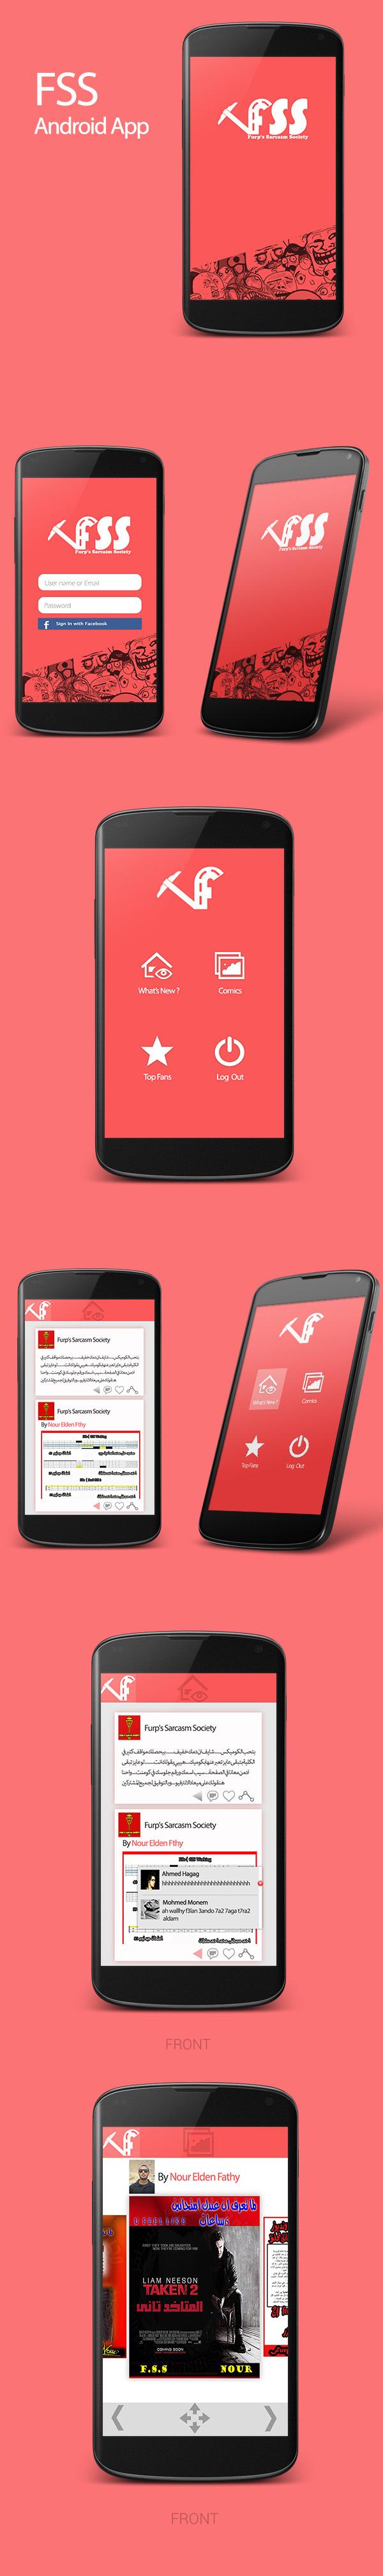 Fss App UI design by Mohamed Monem